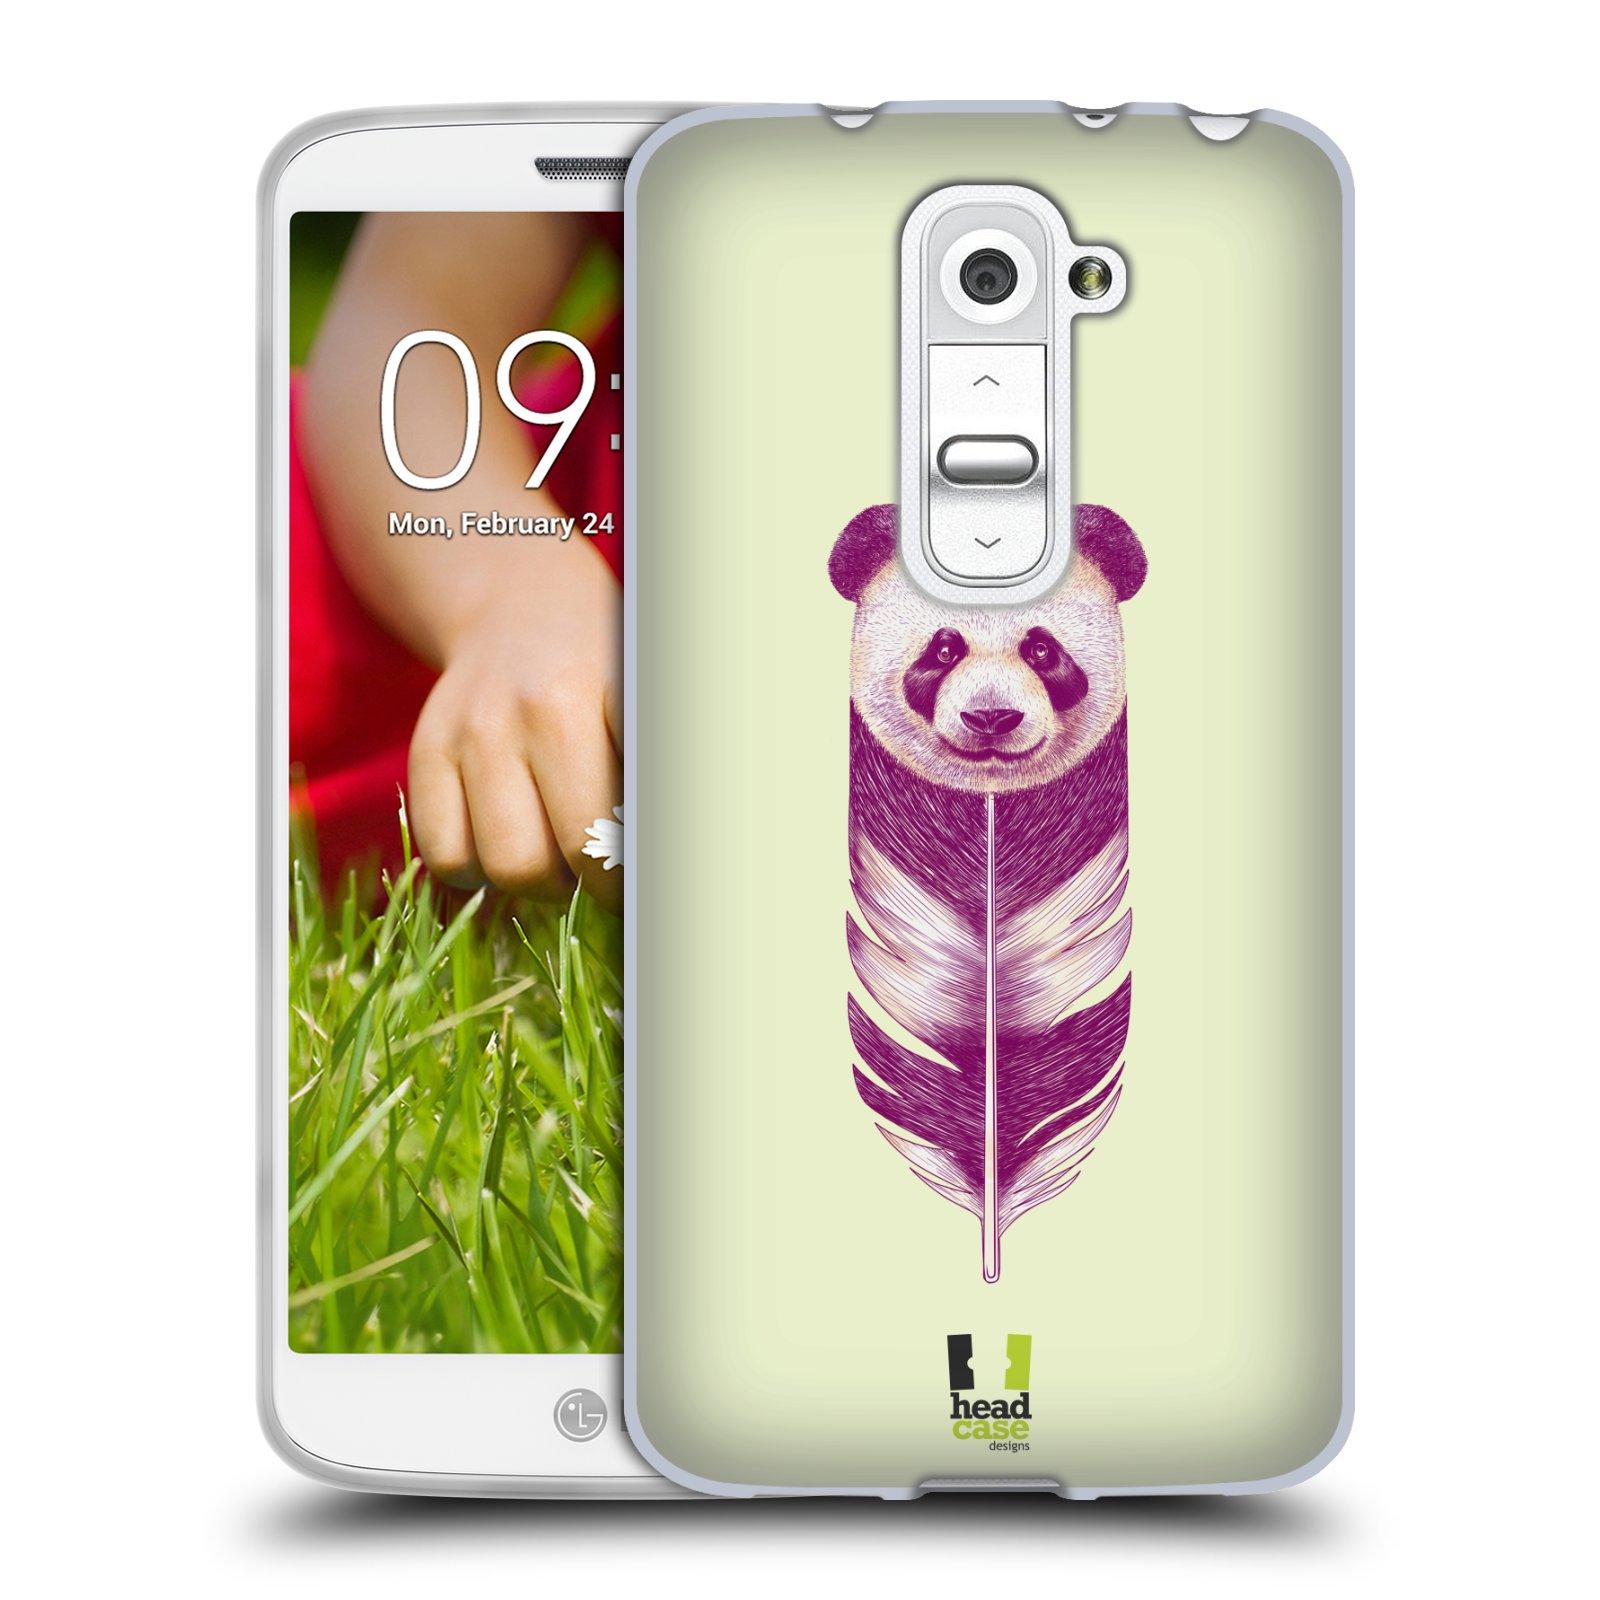 Silikonové pouzdro na mobil LG G2 Mini HEAD CASE PÍRKO PANDA (Silikonový kryt či obal na mobilní telefon LG G2 Mini D620)